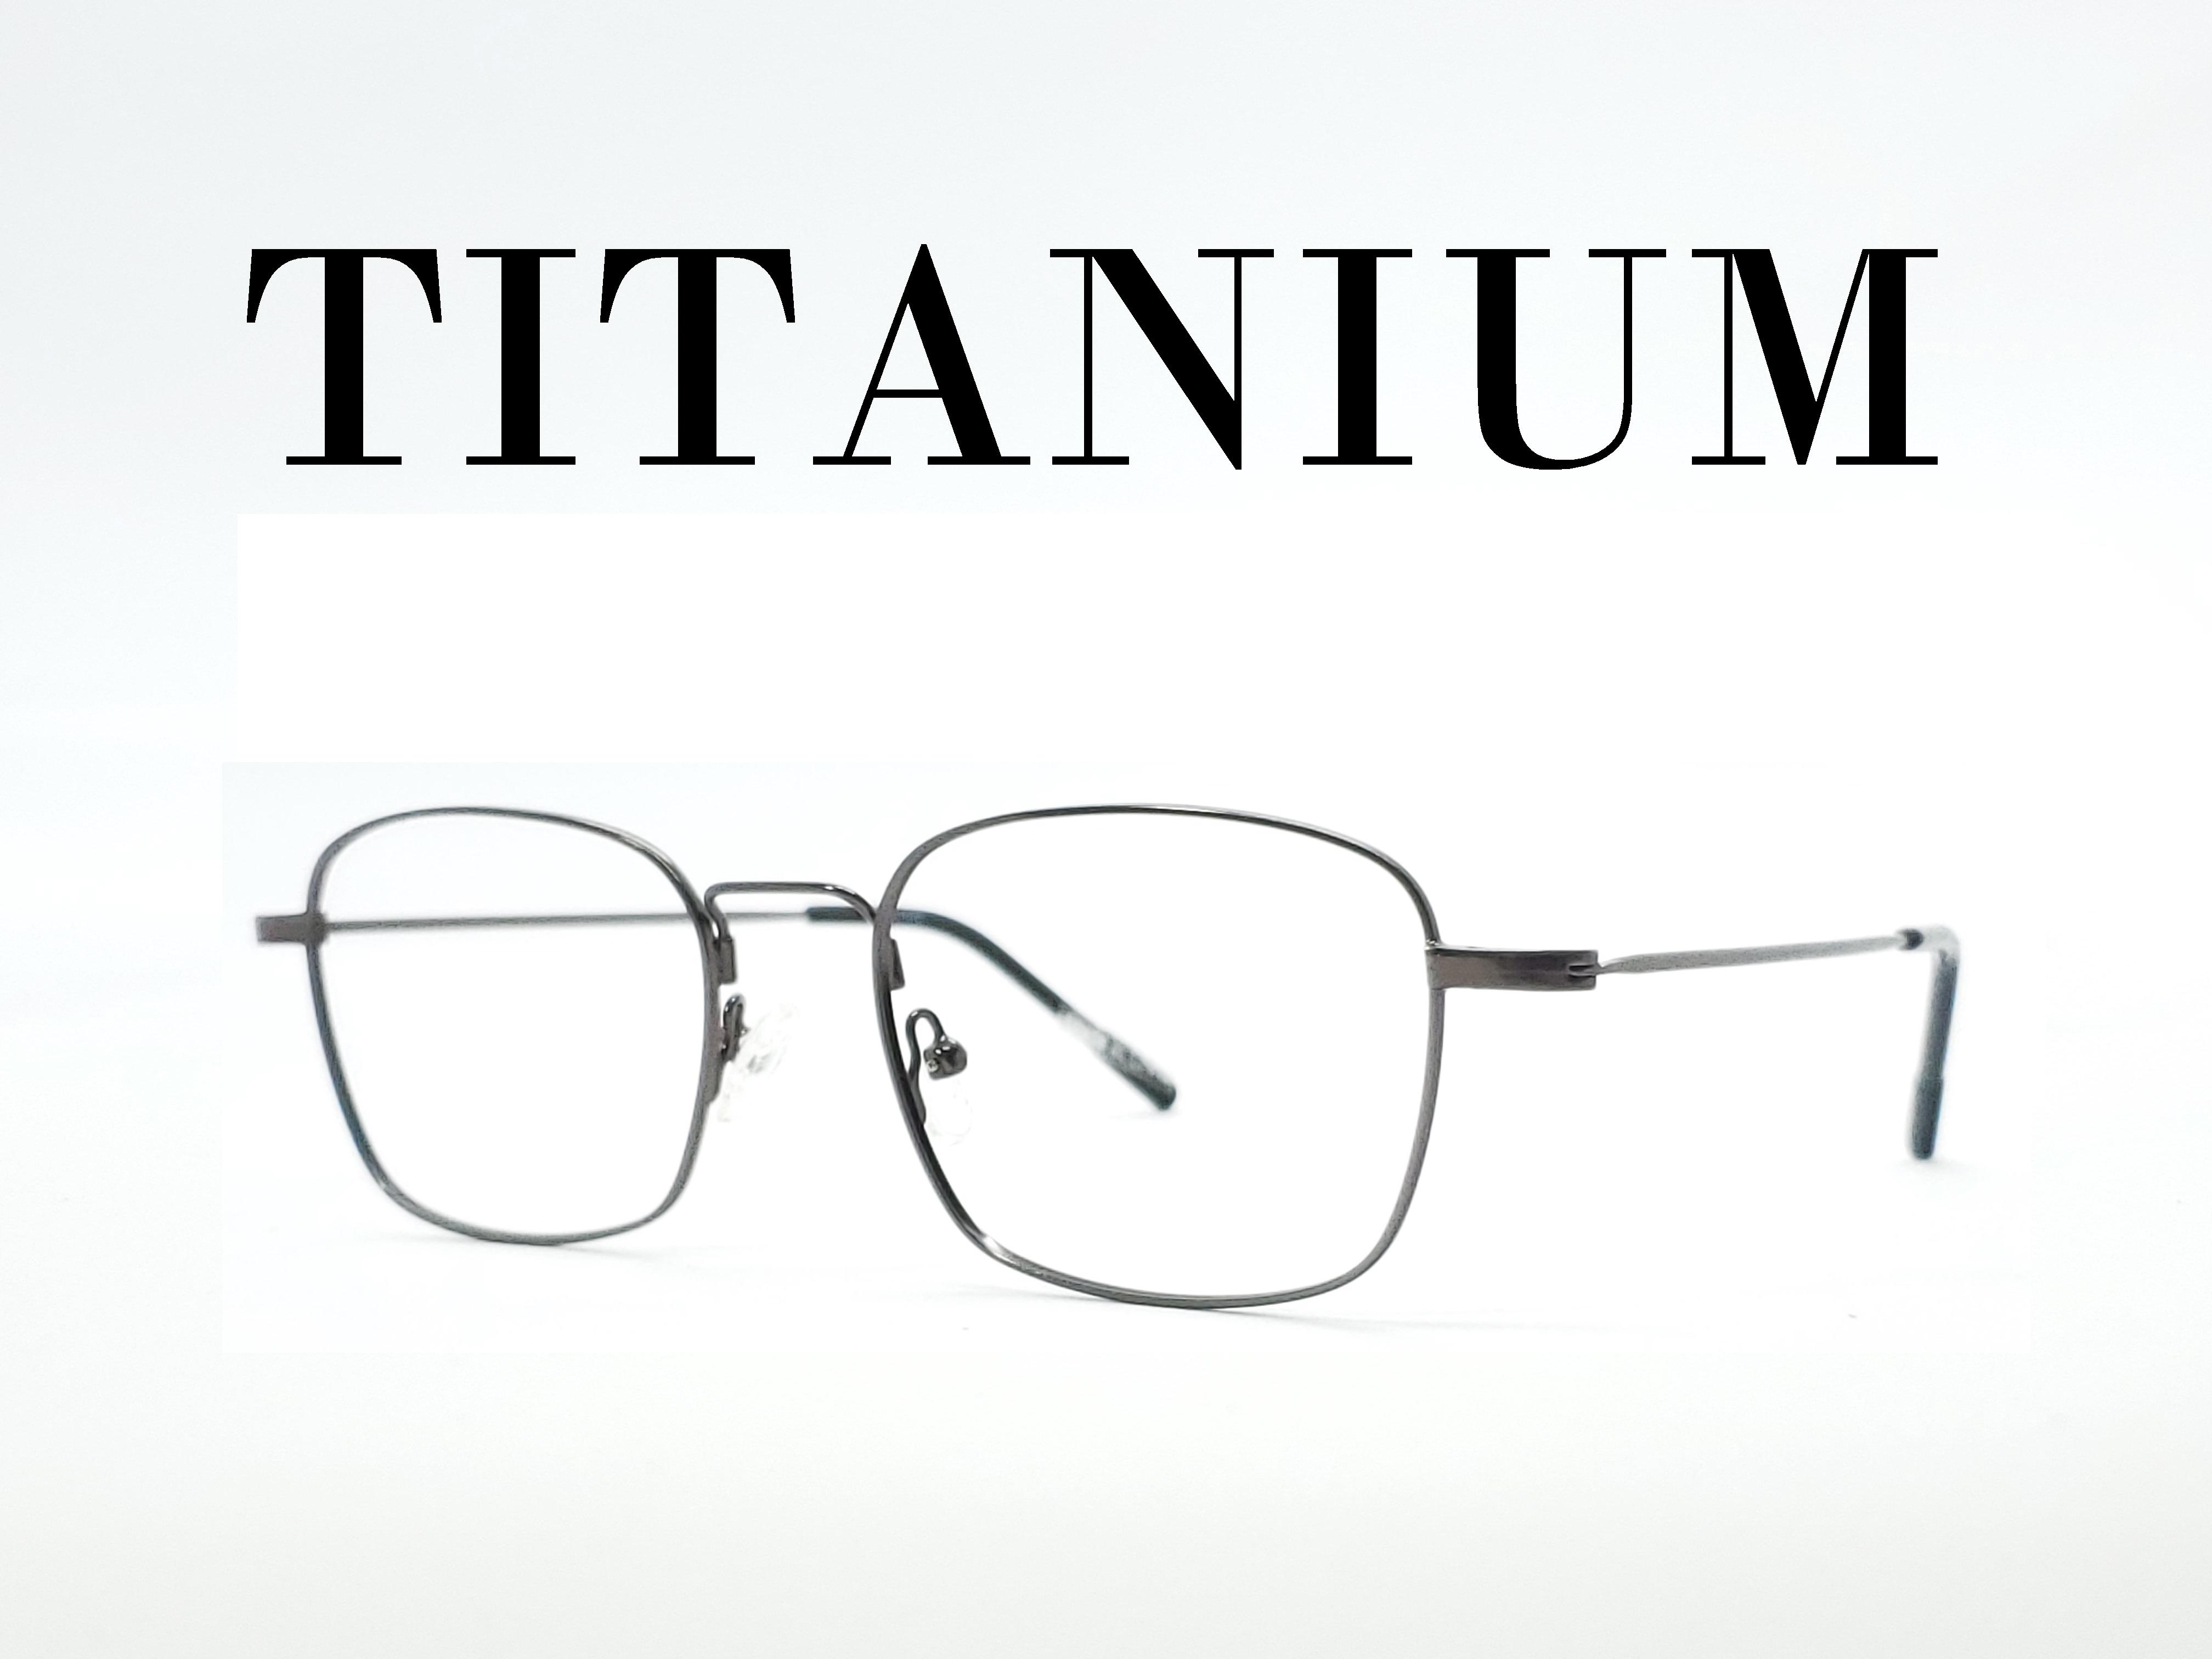 TITANIUM PIC CLICK